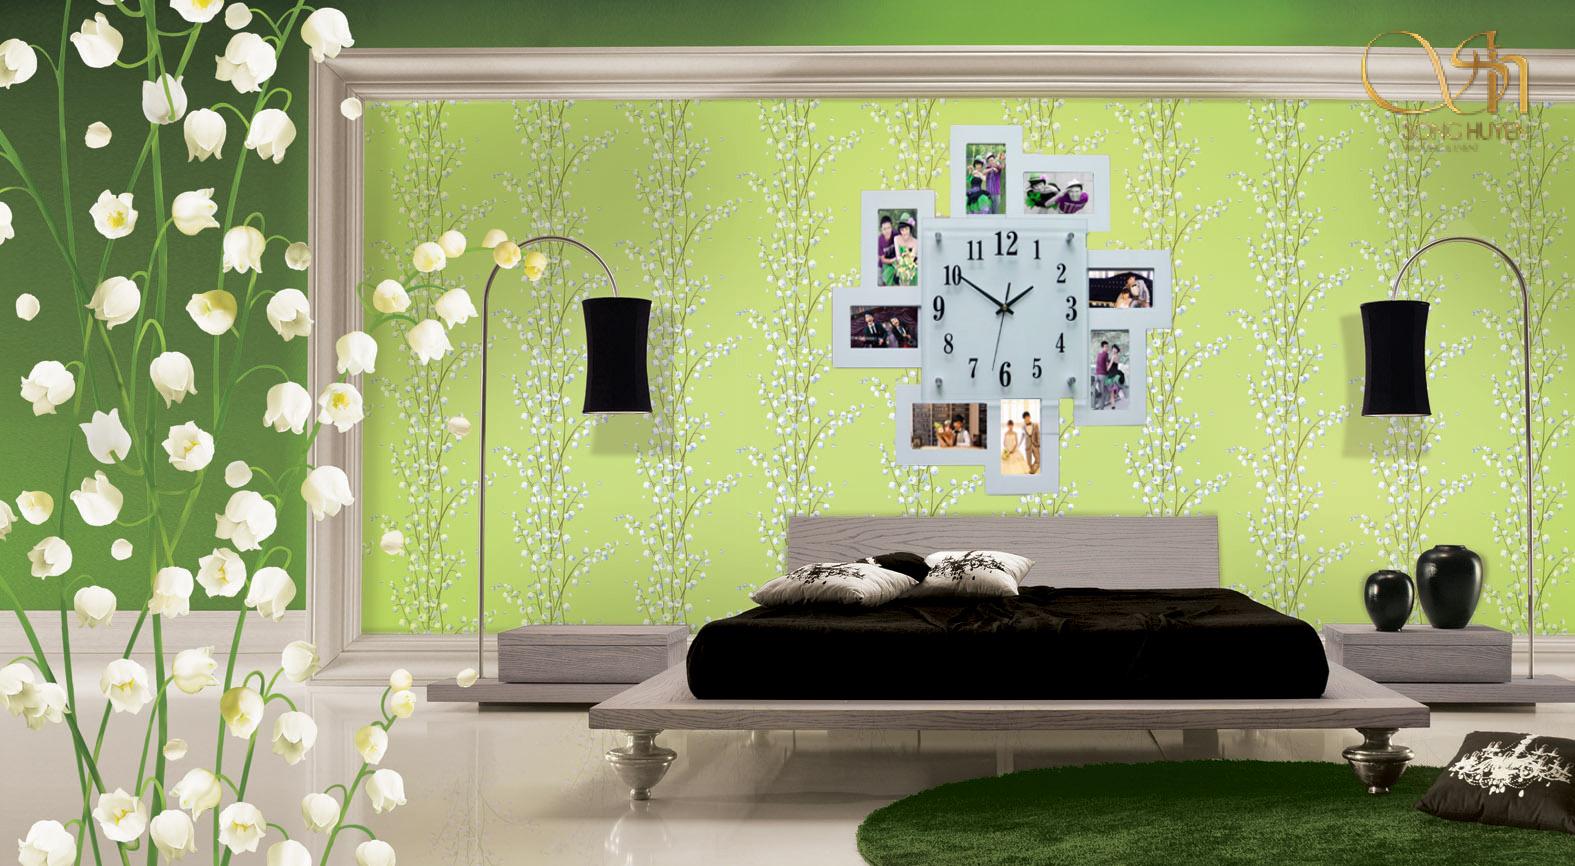 Mẫu trang trí ảnh cưới treo tường đầy lãng mạn cho các cặp đôi yêu nhau